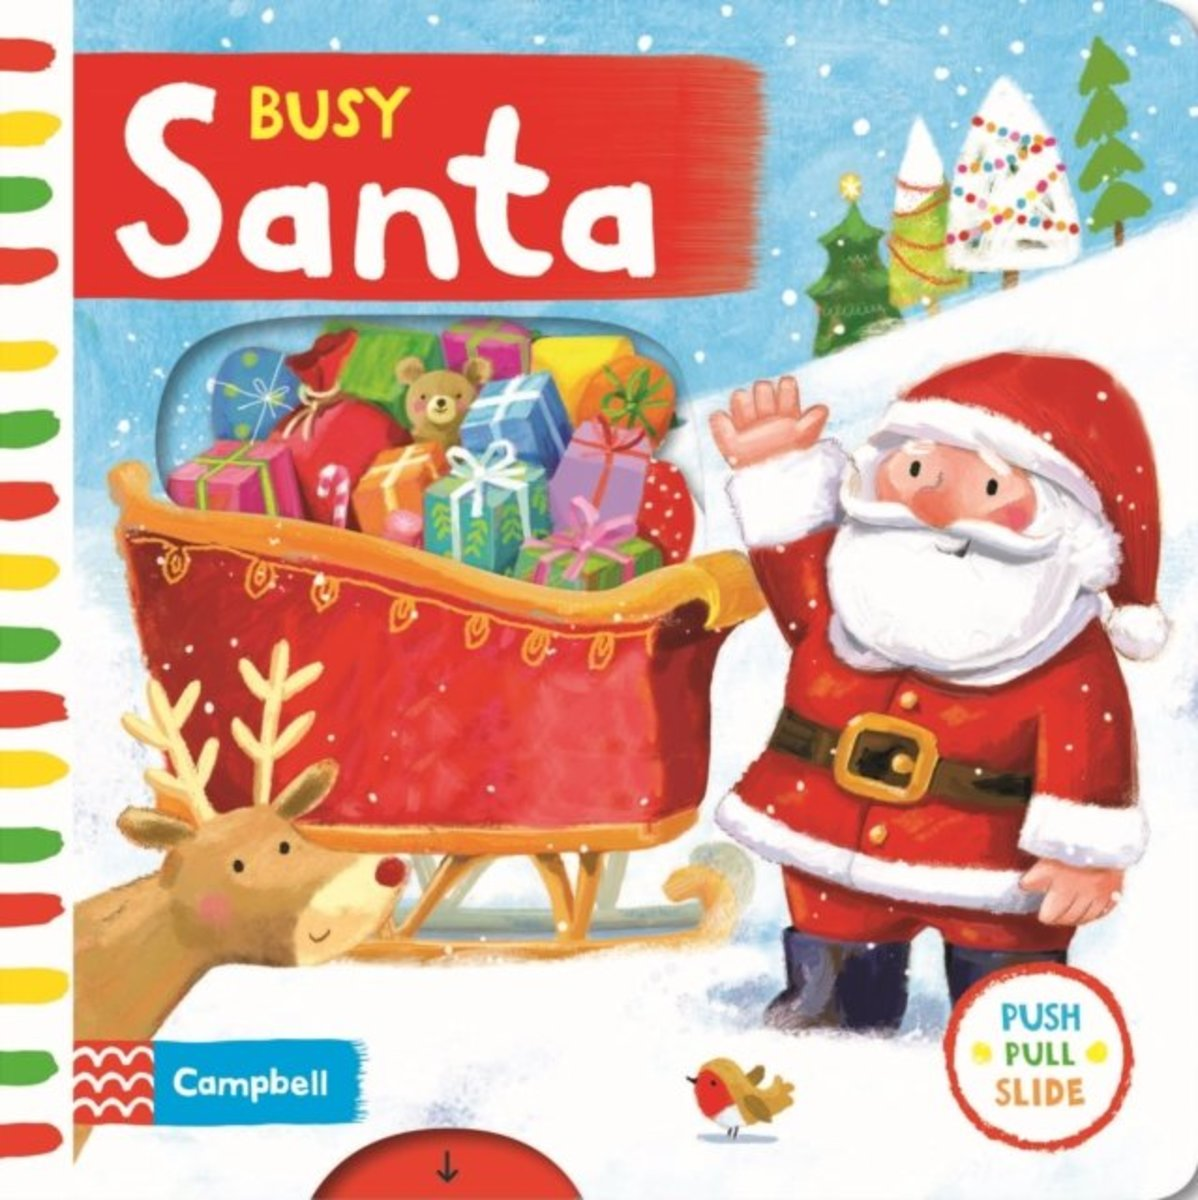 Busy Books: Busy Santa